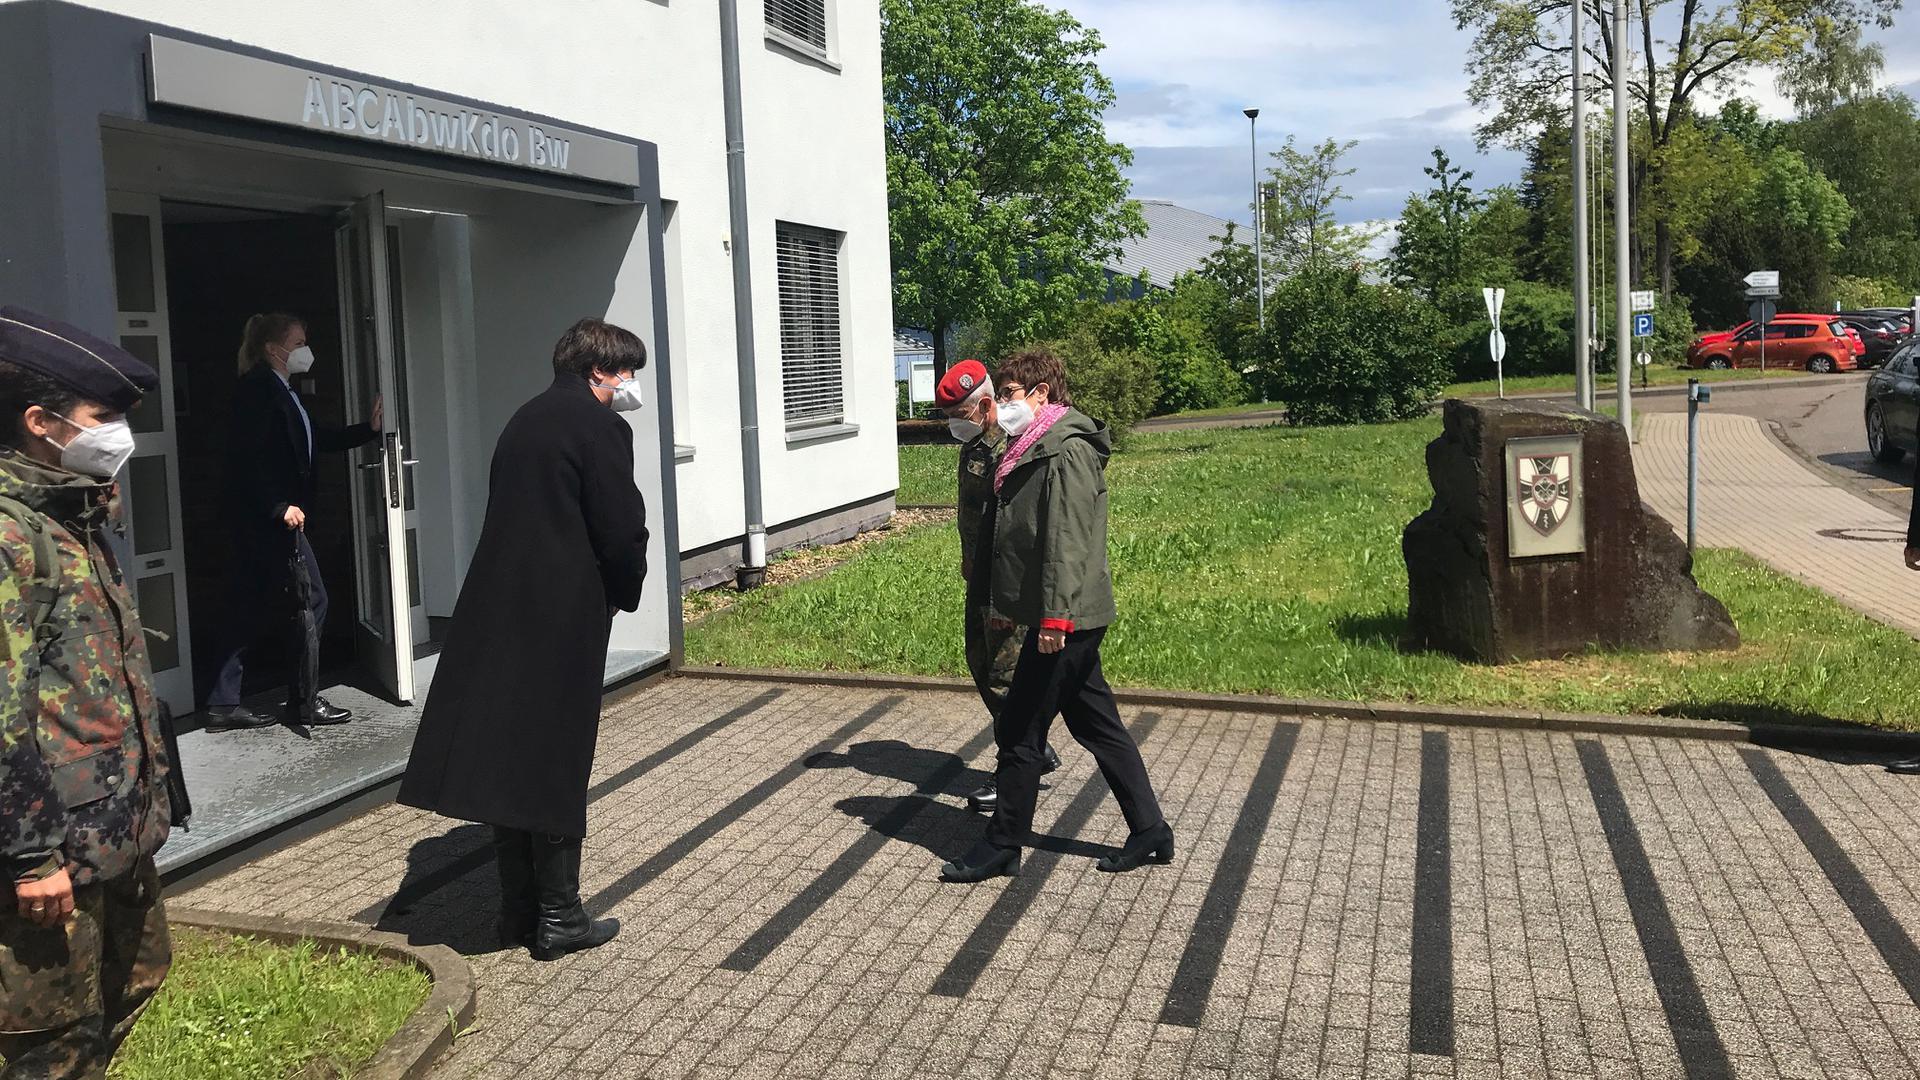 Bruchsals Oberbürgermeisterin Cornelia Petzold-Schick begrüßt Verteidigungsministerin Annegret Kramp-Karrenbauer in der Kaserne